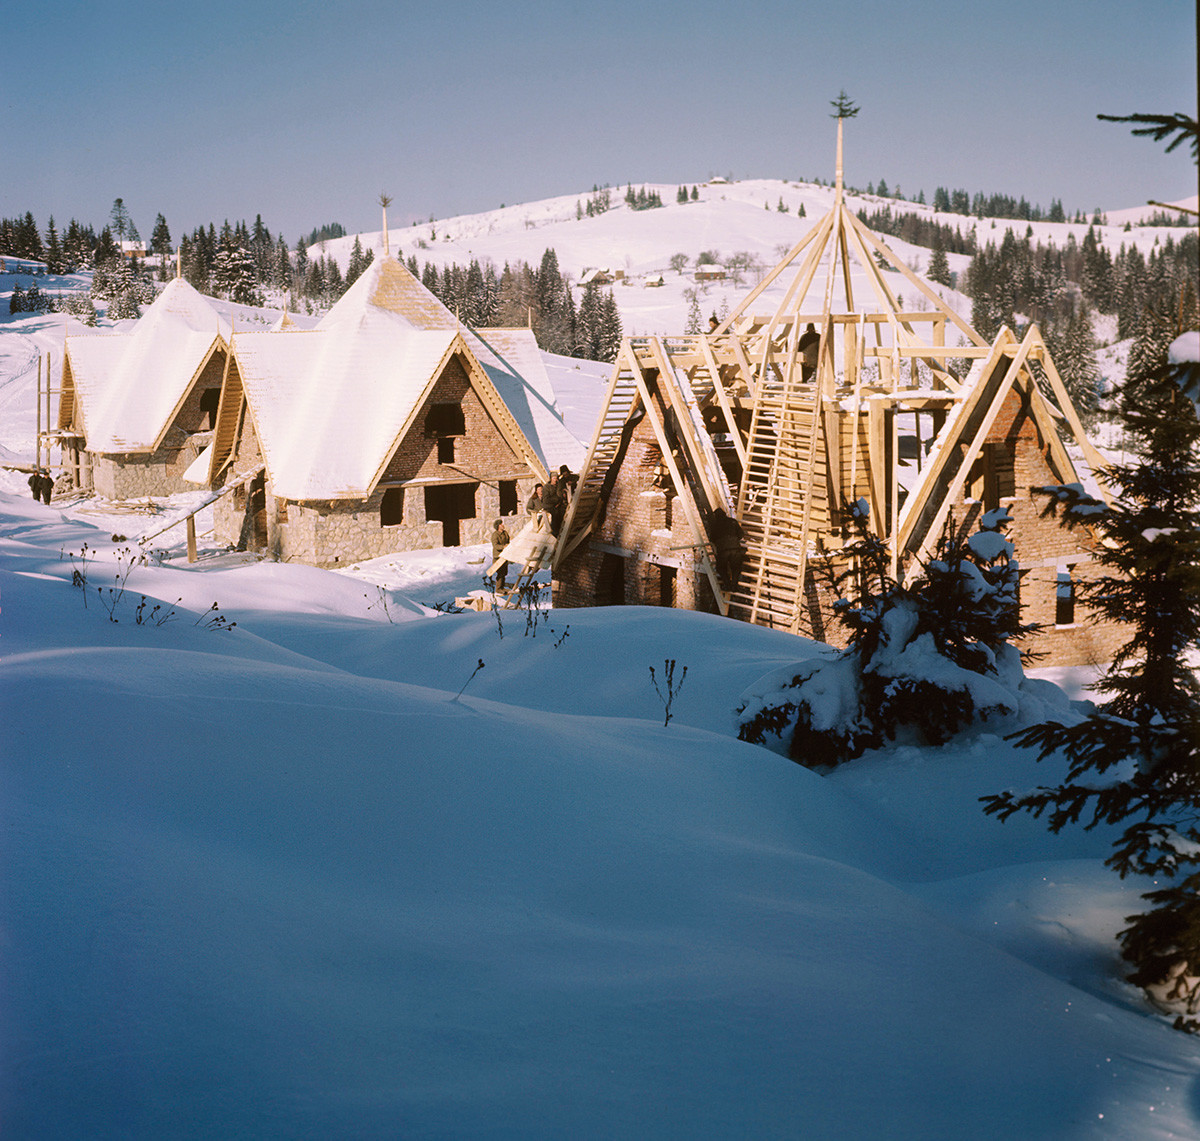 Construction de chalets touristiques dans les Carpates, dans la région d'Ivano-Frankivsk, 1970